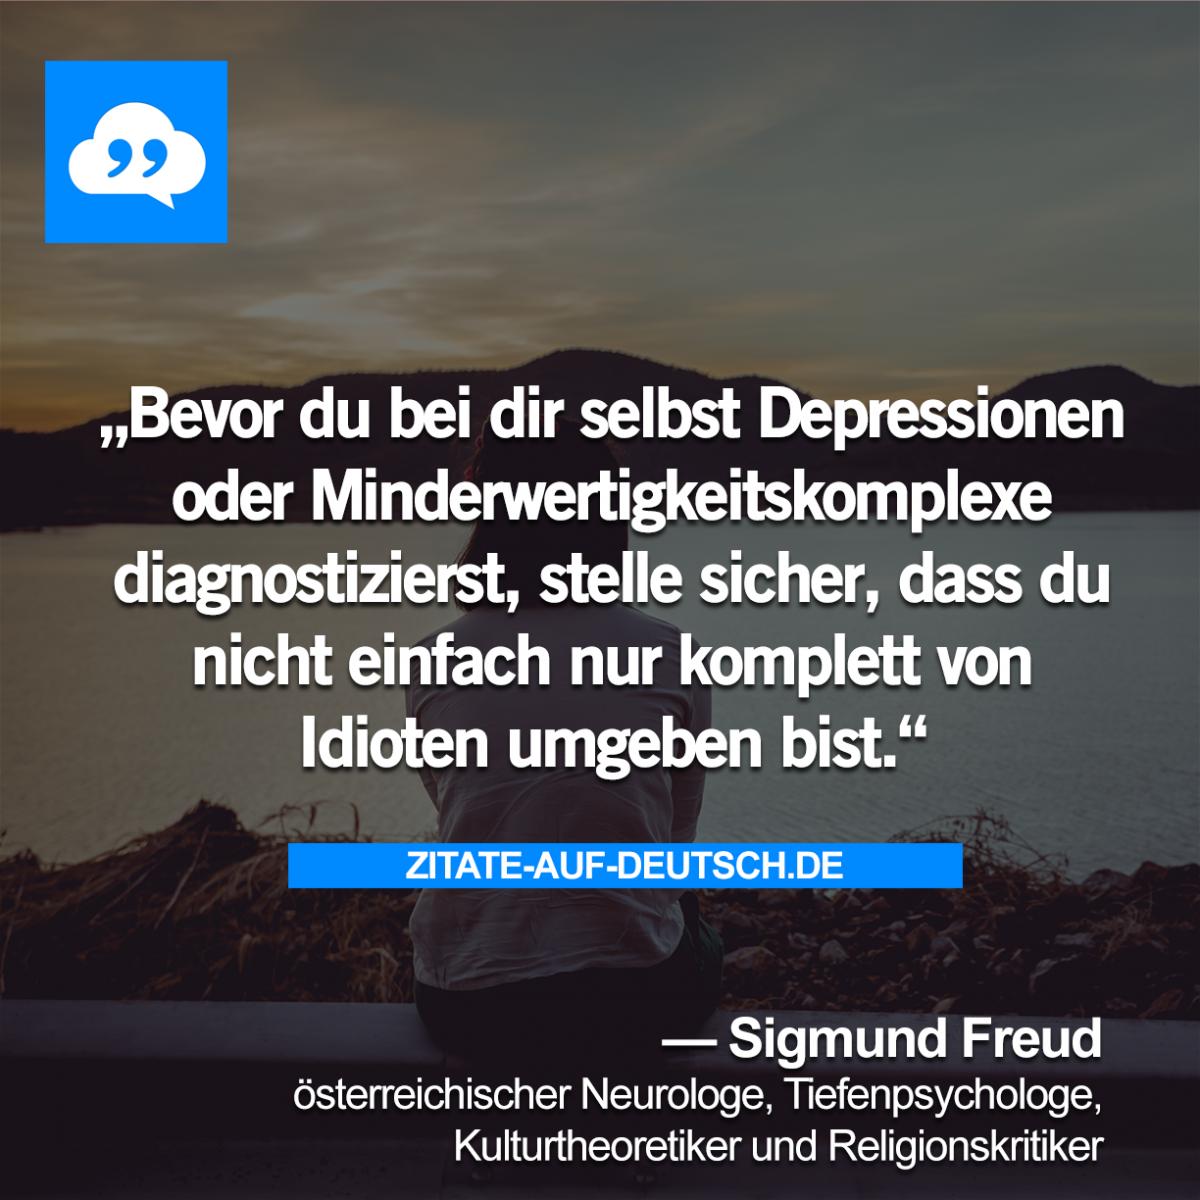 Bevor Du Bei Dir Selbst Depressionen Oder Minderwertigkeitskomplexe  Diagnostizierst, Stelle Sicher, Dass Du Nicht